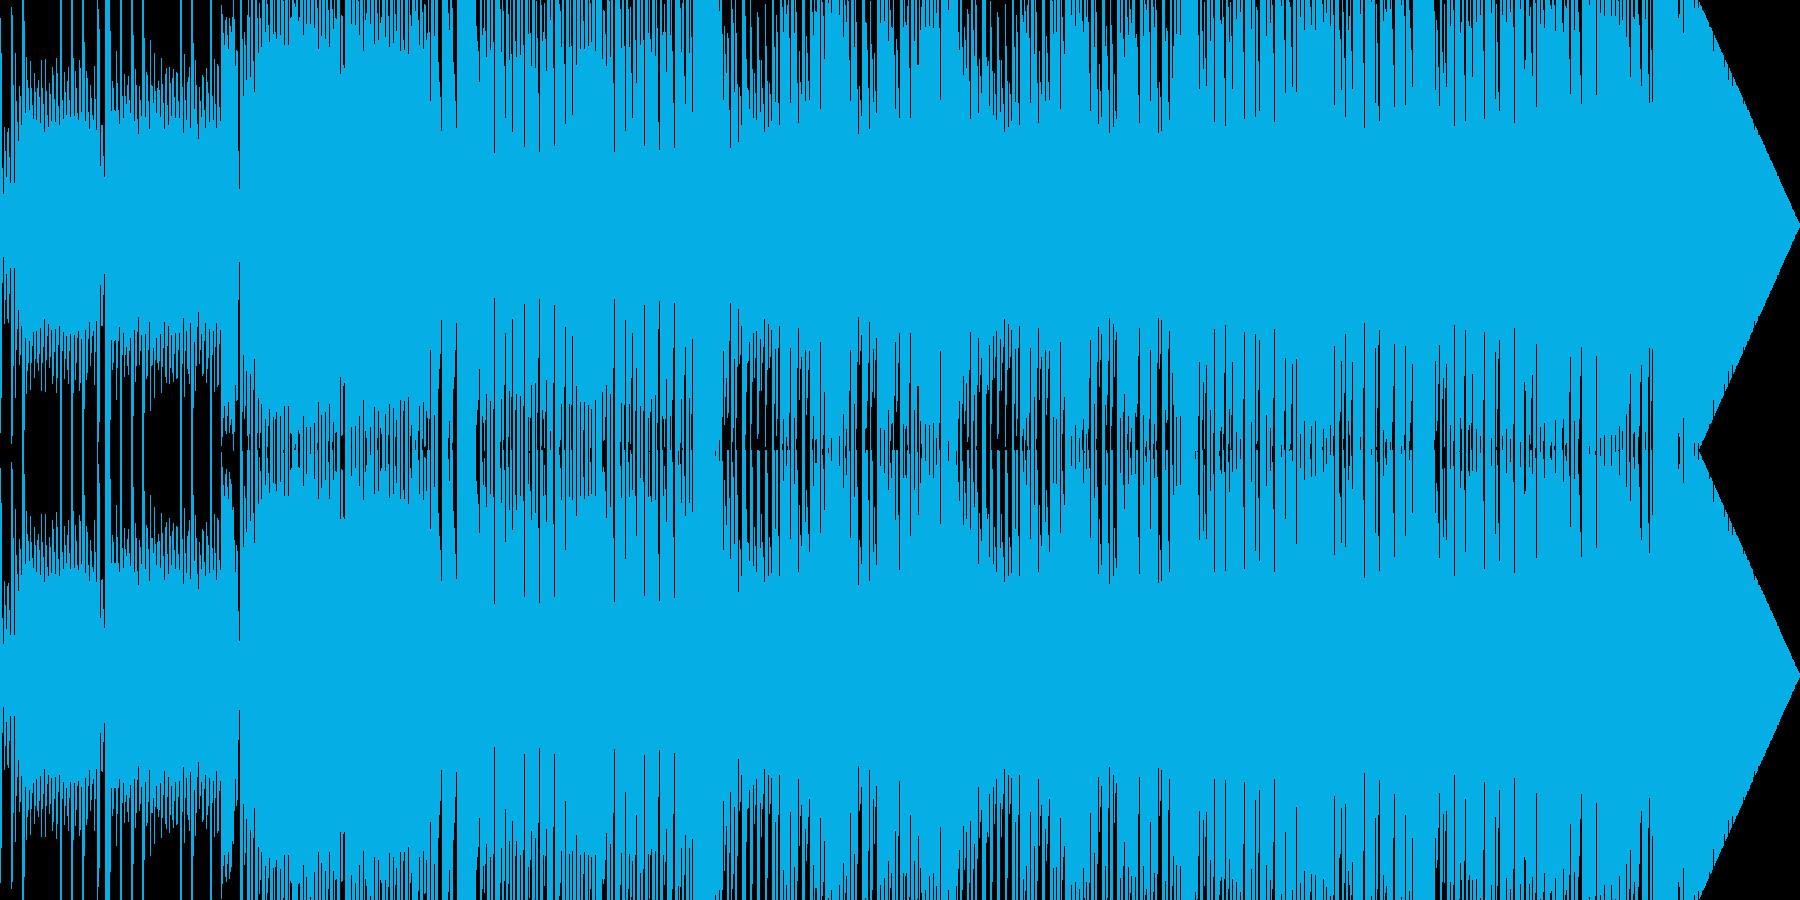 番組EDなどに 寂しいチップチューン02の再生済みの波形